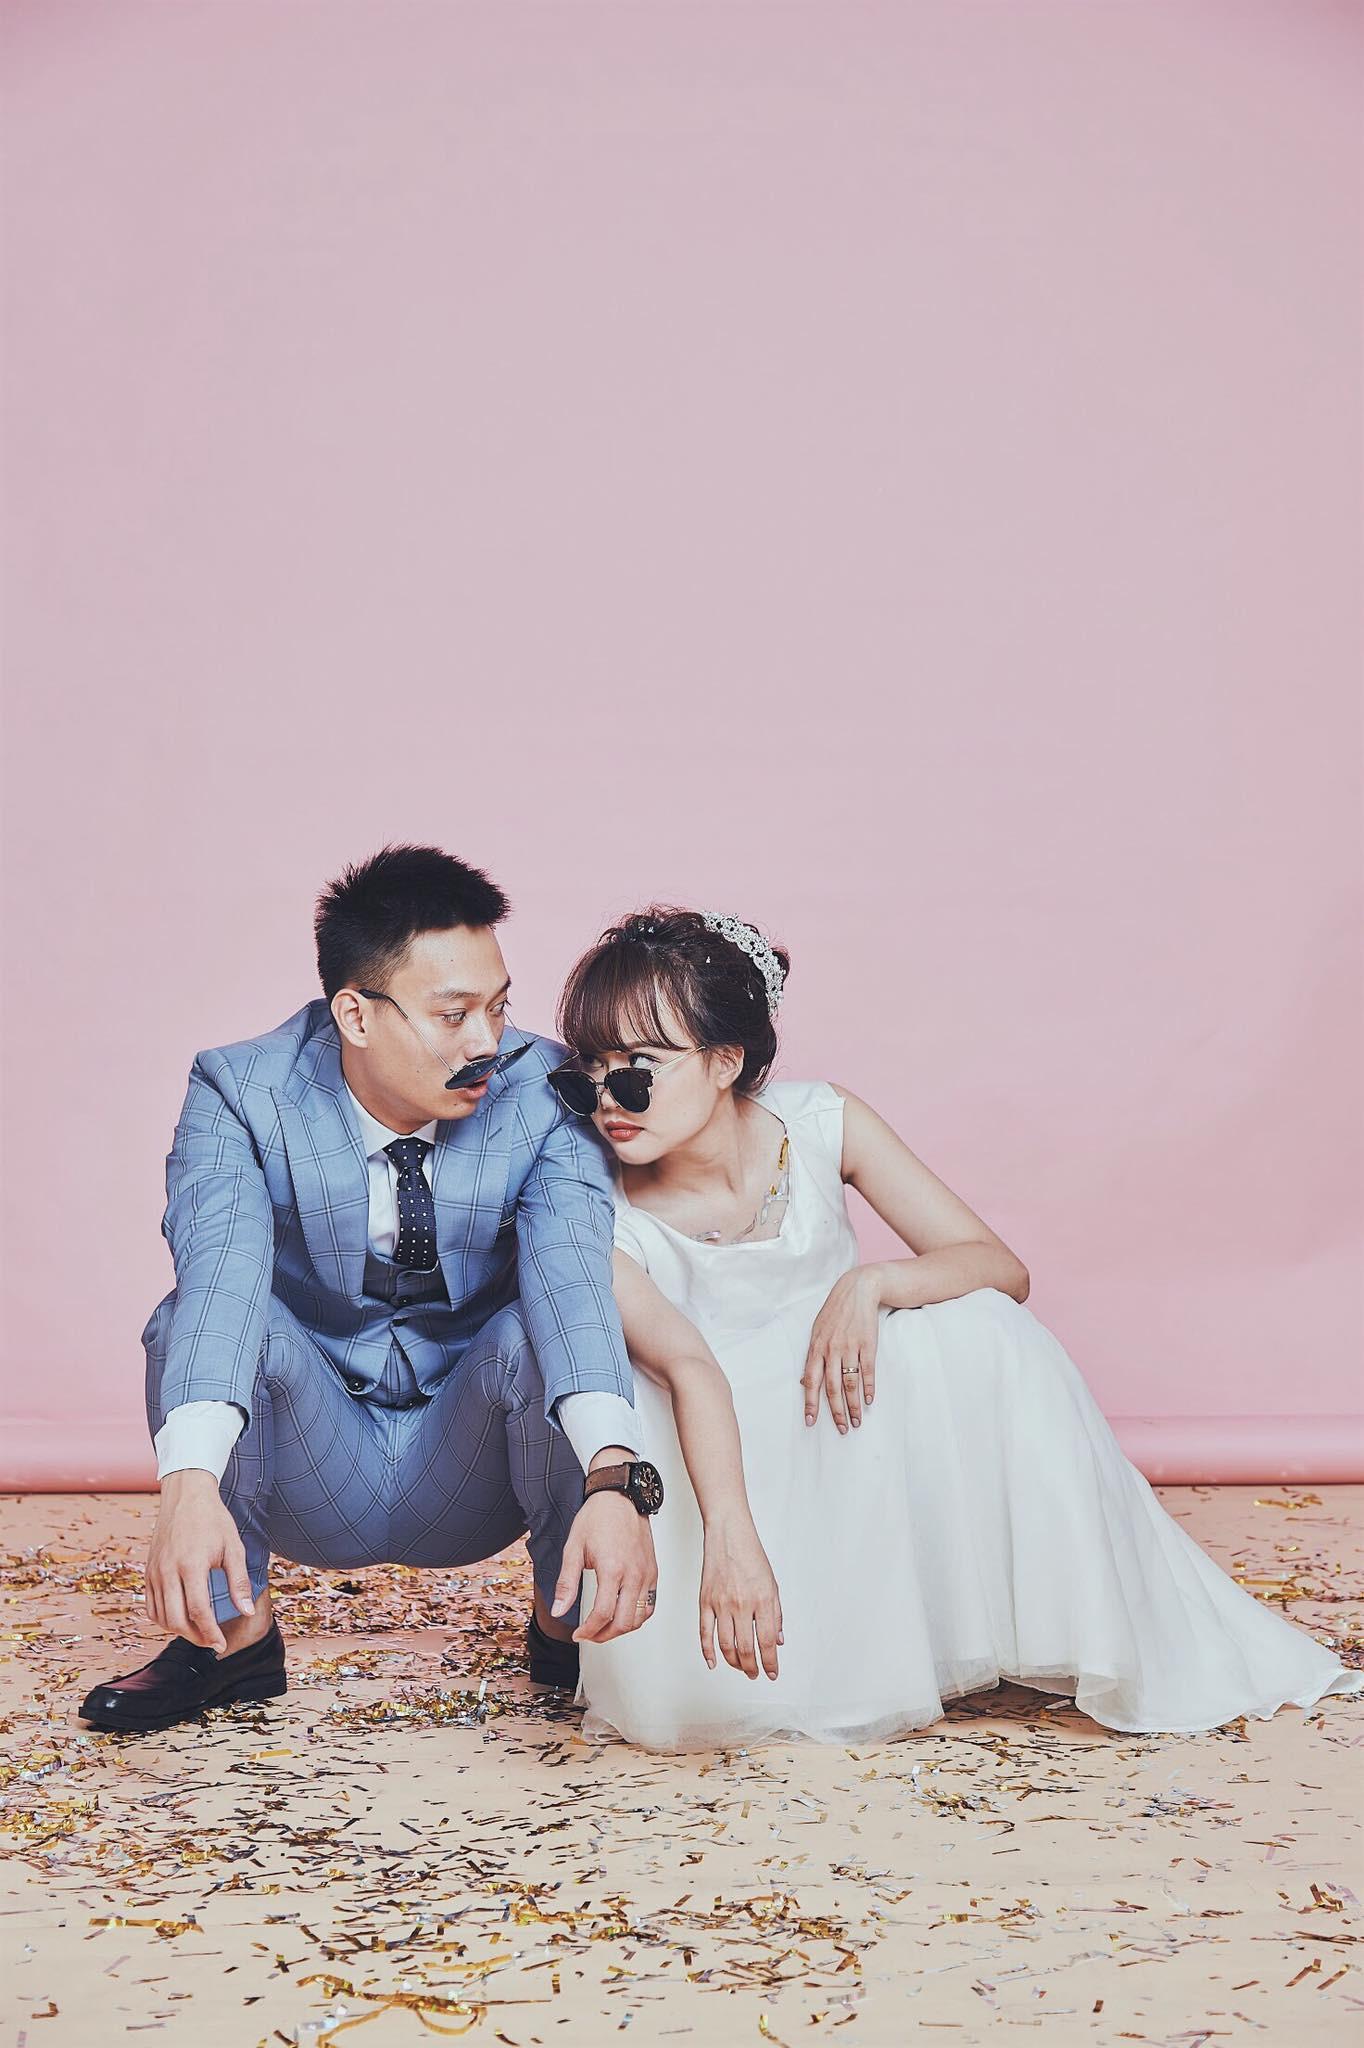 Loạt ảnh siêu lầy lội của vợ chồng Nhật Anh Trắng: Yêu thánh chế nên thế là quá bình thường! - Ảnh 4.